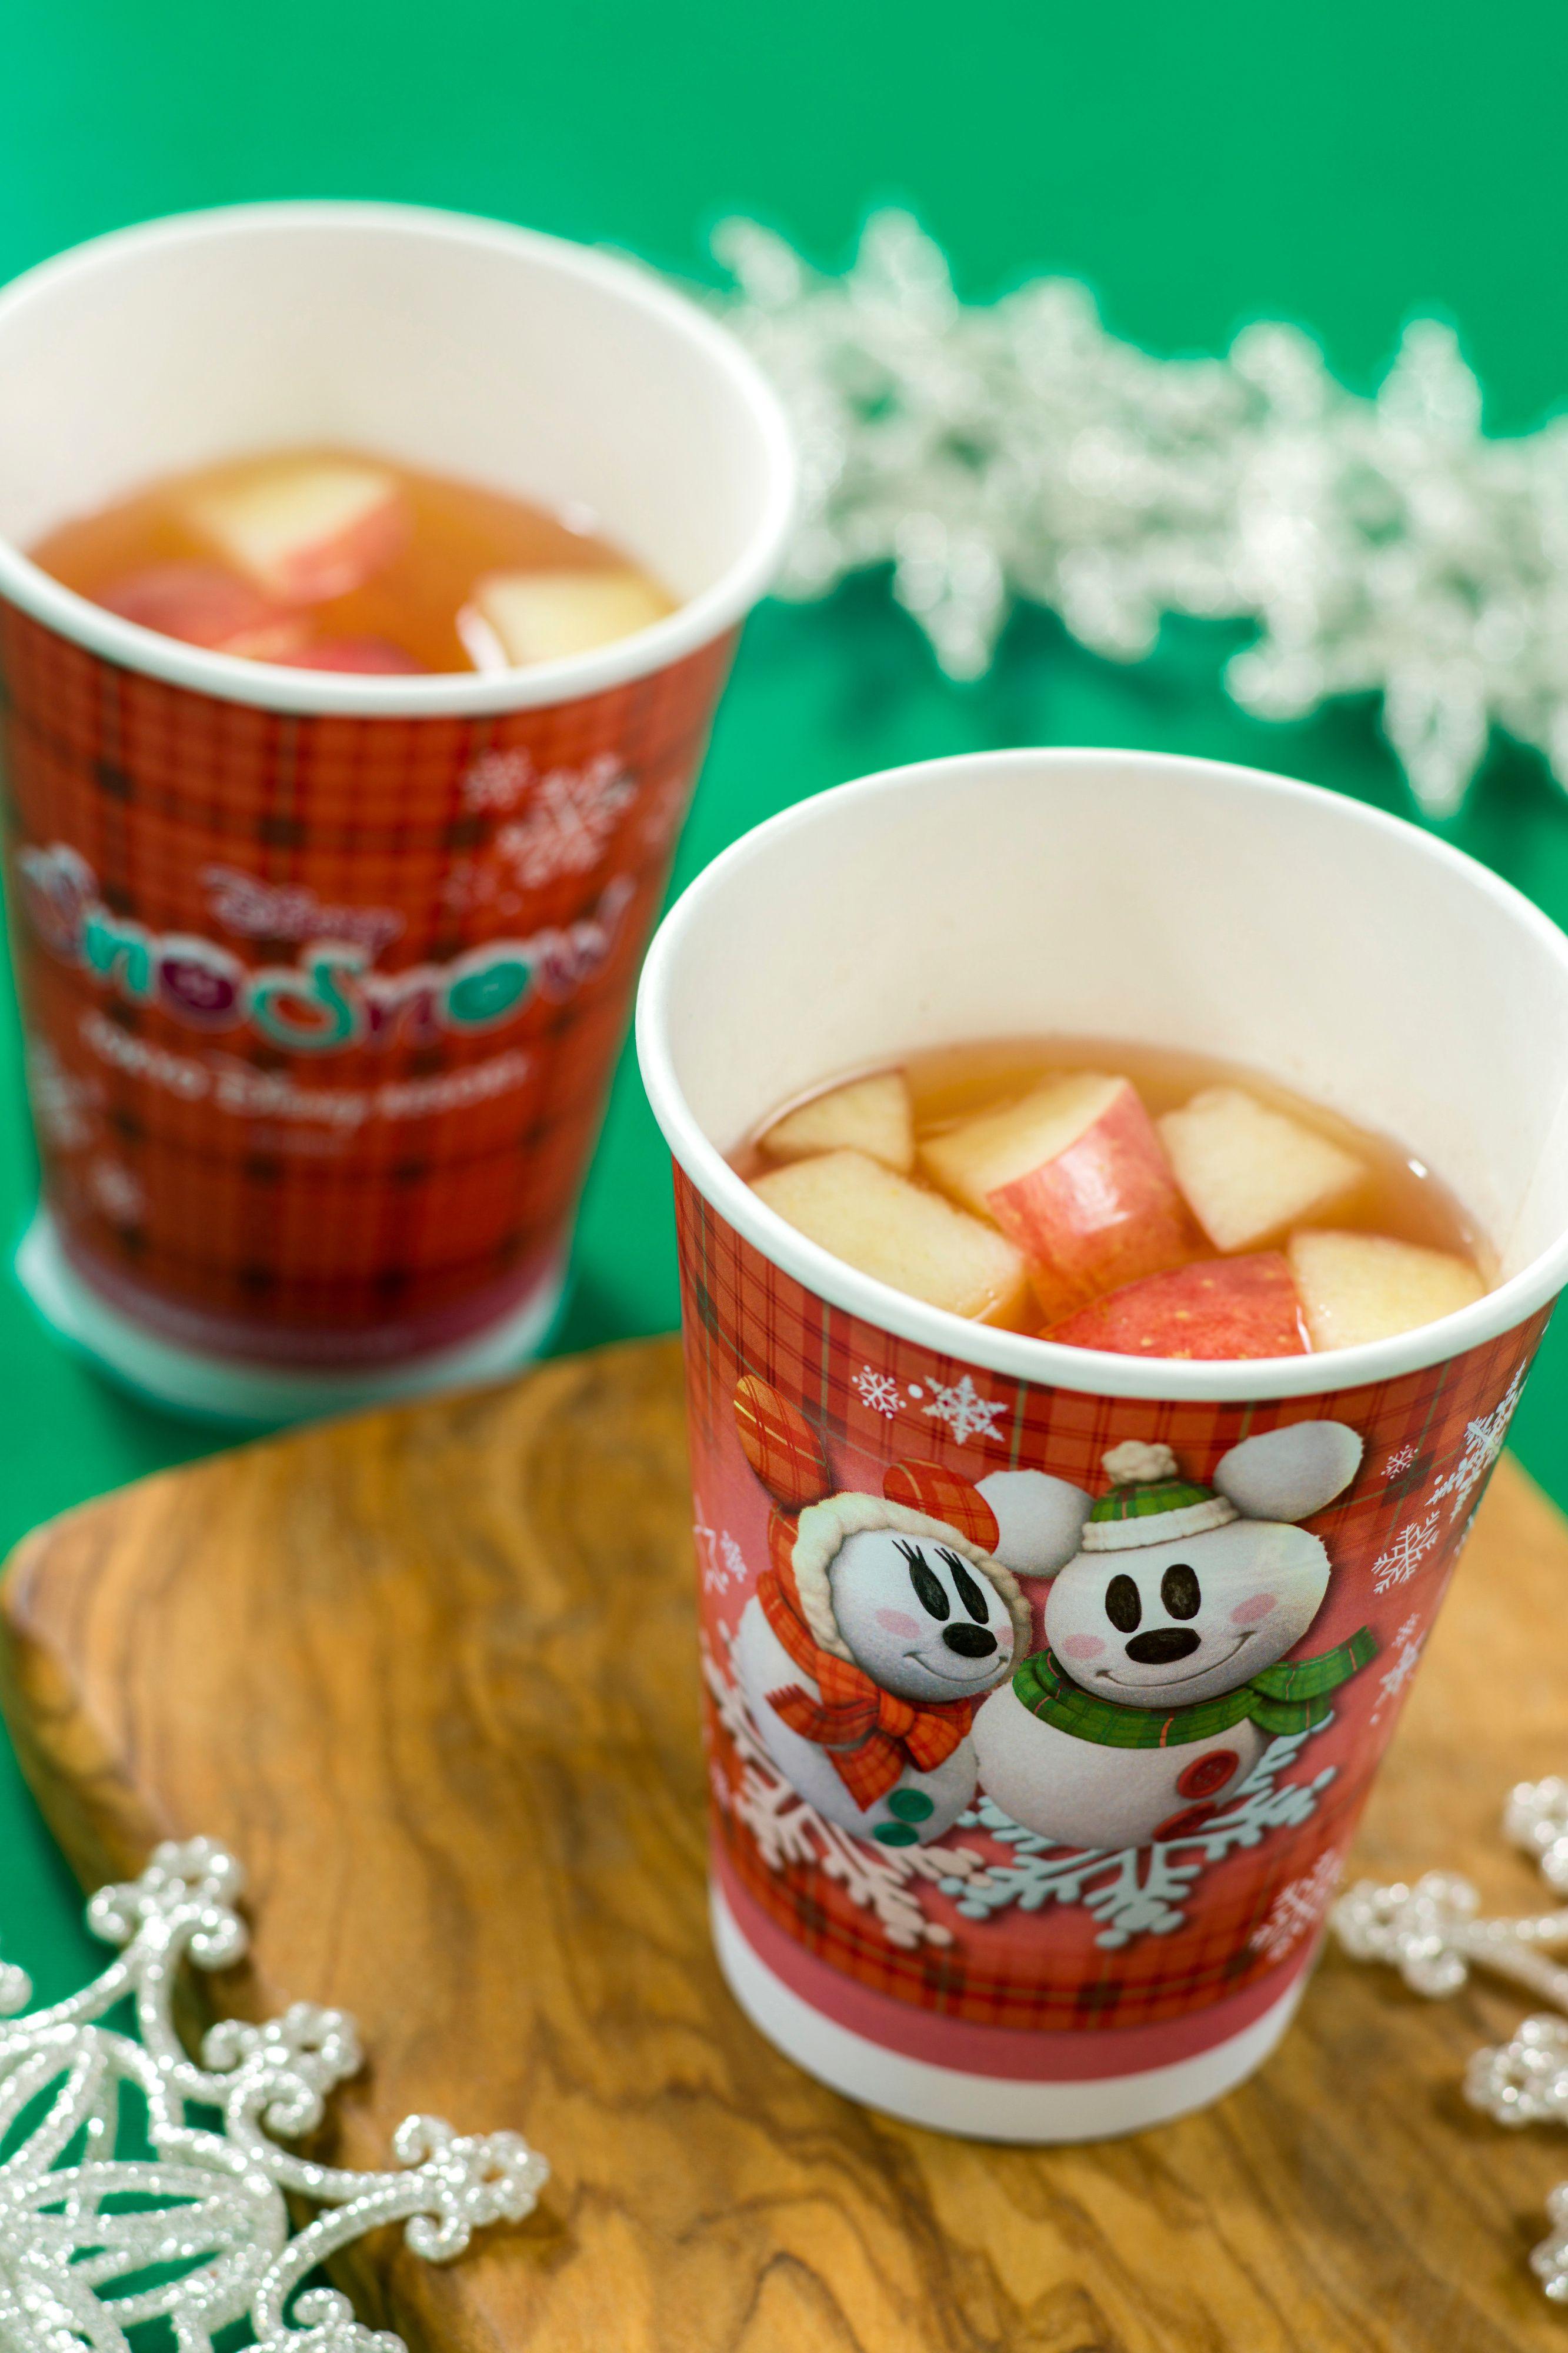 『東京ディズニーリゾート』のクリスマス2019☆ 両パークのおすすめ限定フード&ドリンクをお届け!_3